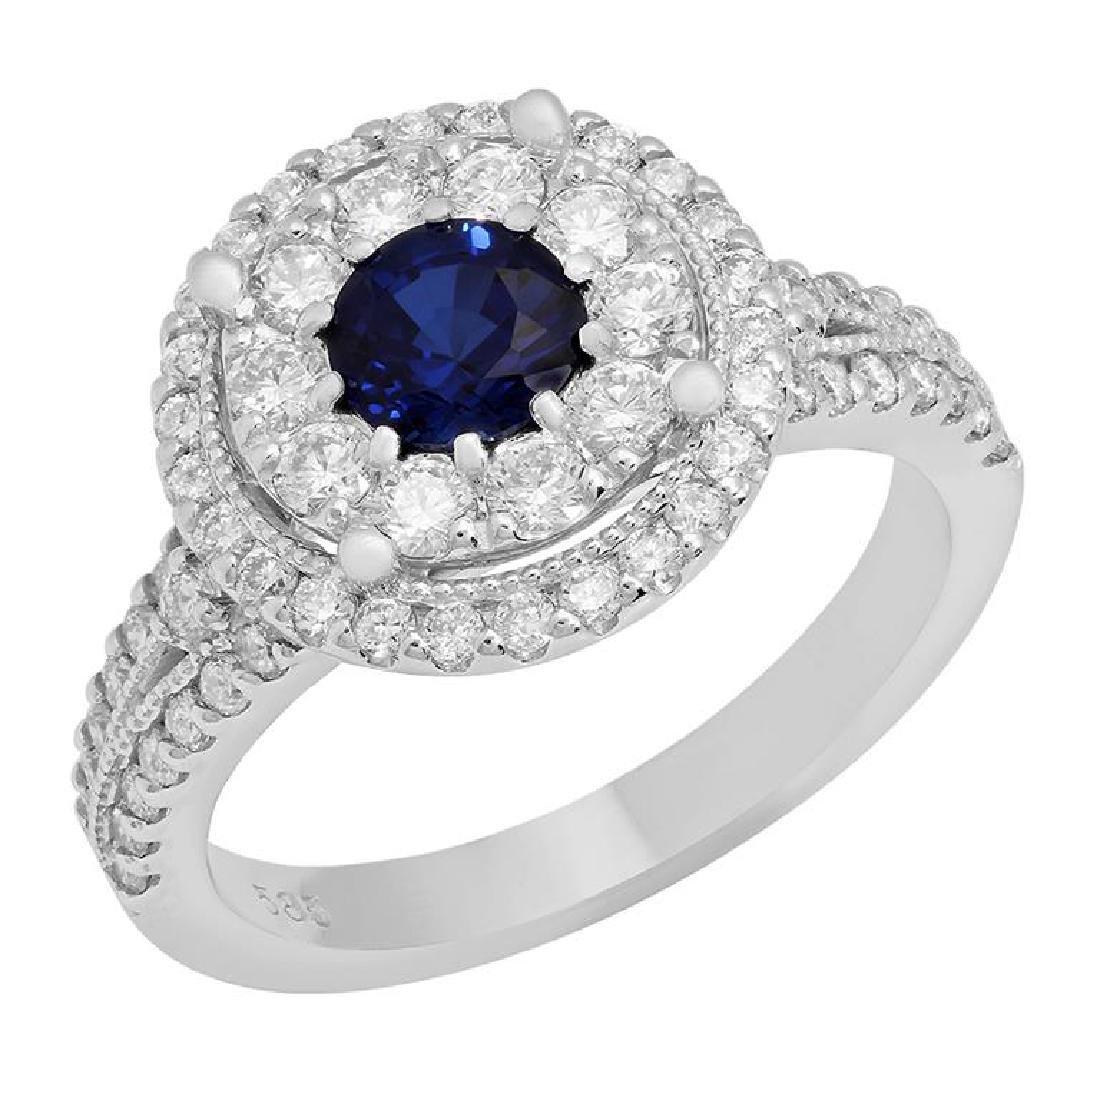 14k White Gold 0.85ct Sapphire 1.12ct Diamond Ring